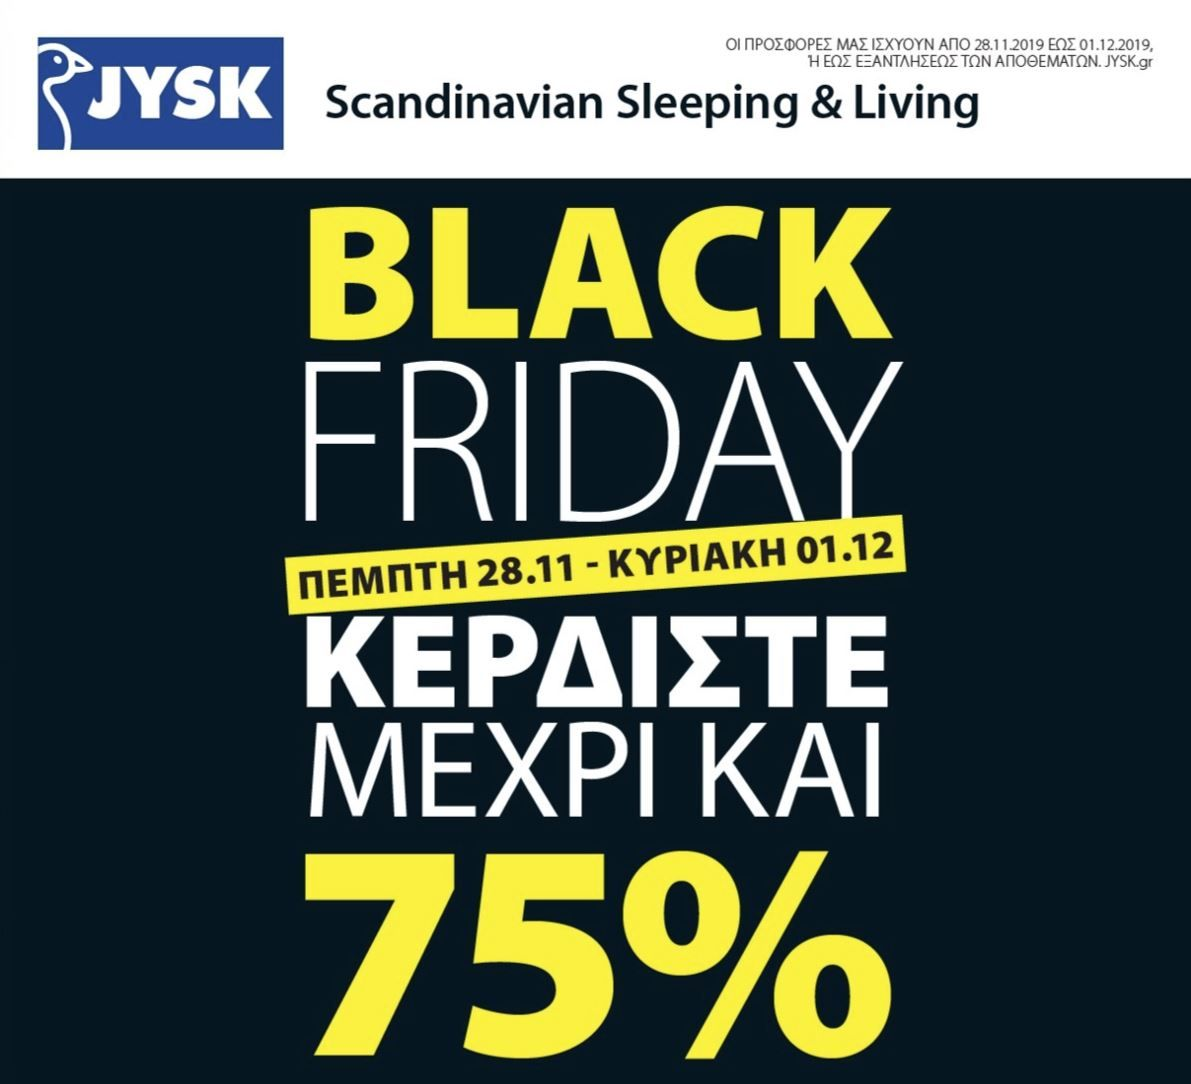 JYSK Black Friday 2019   Προσφορές JYSK #BlackFriday